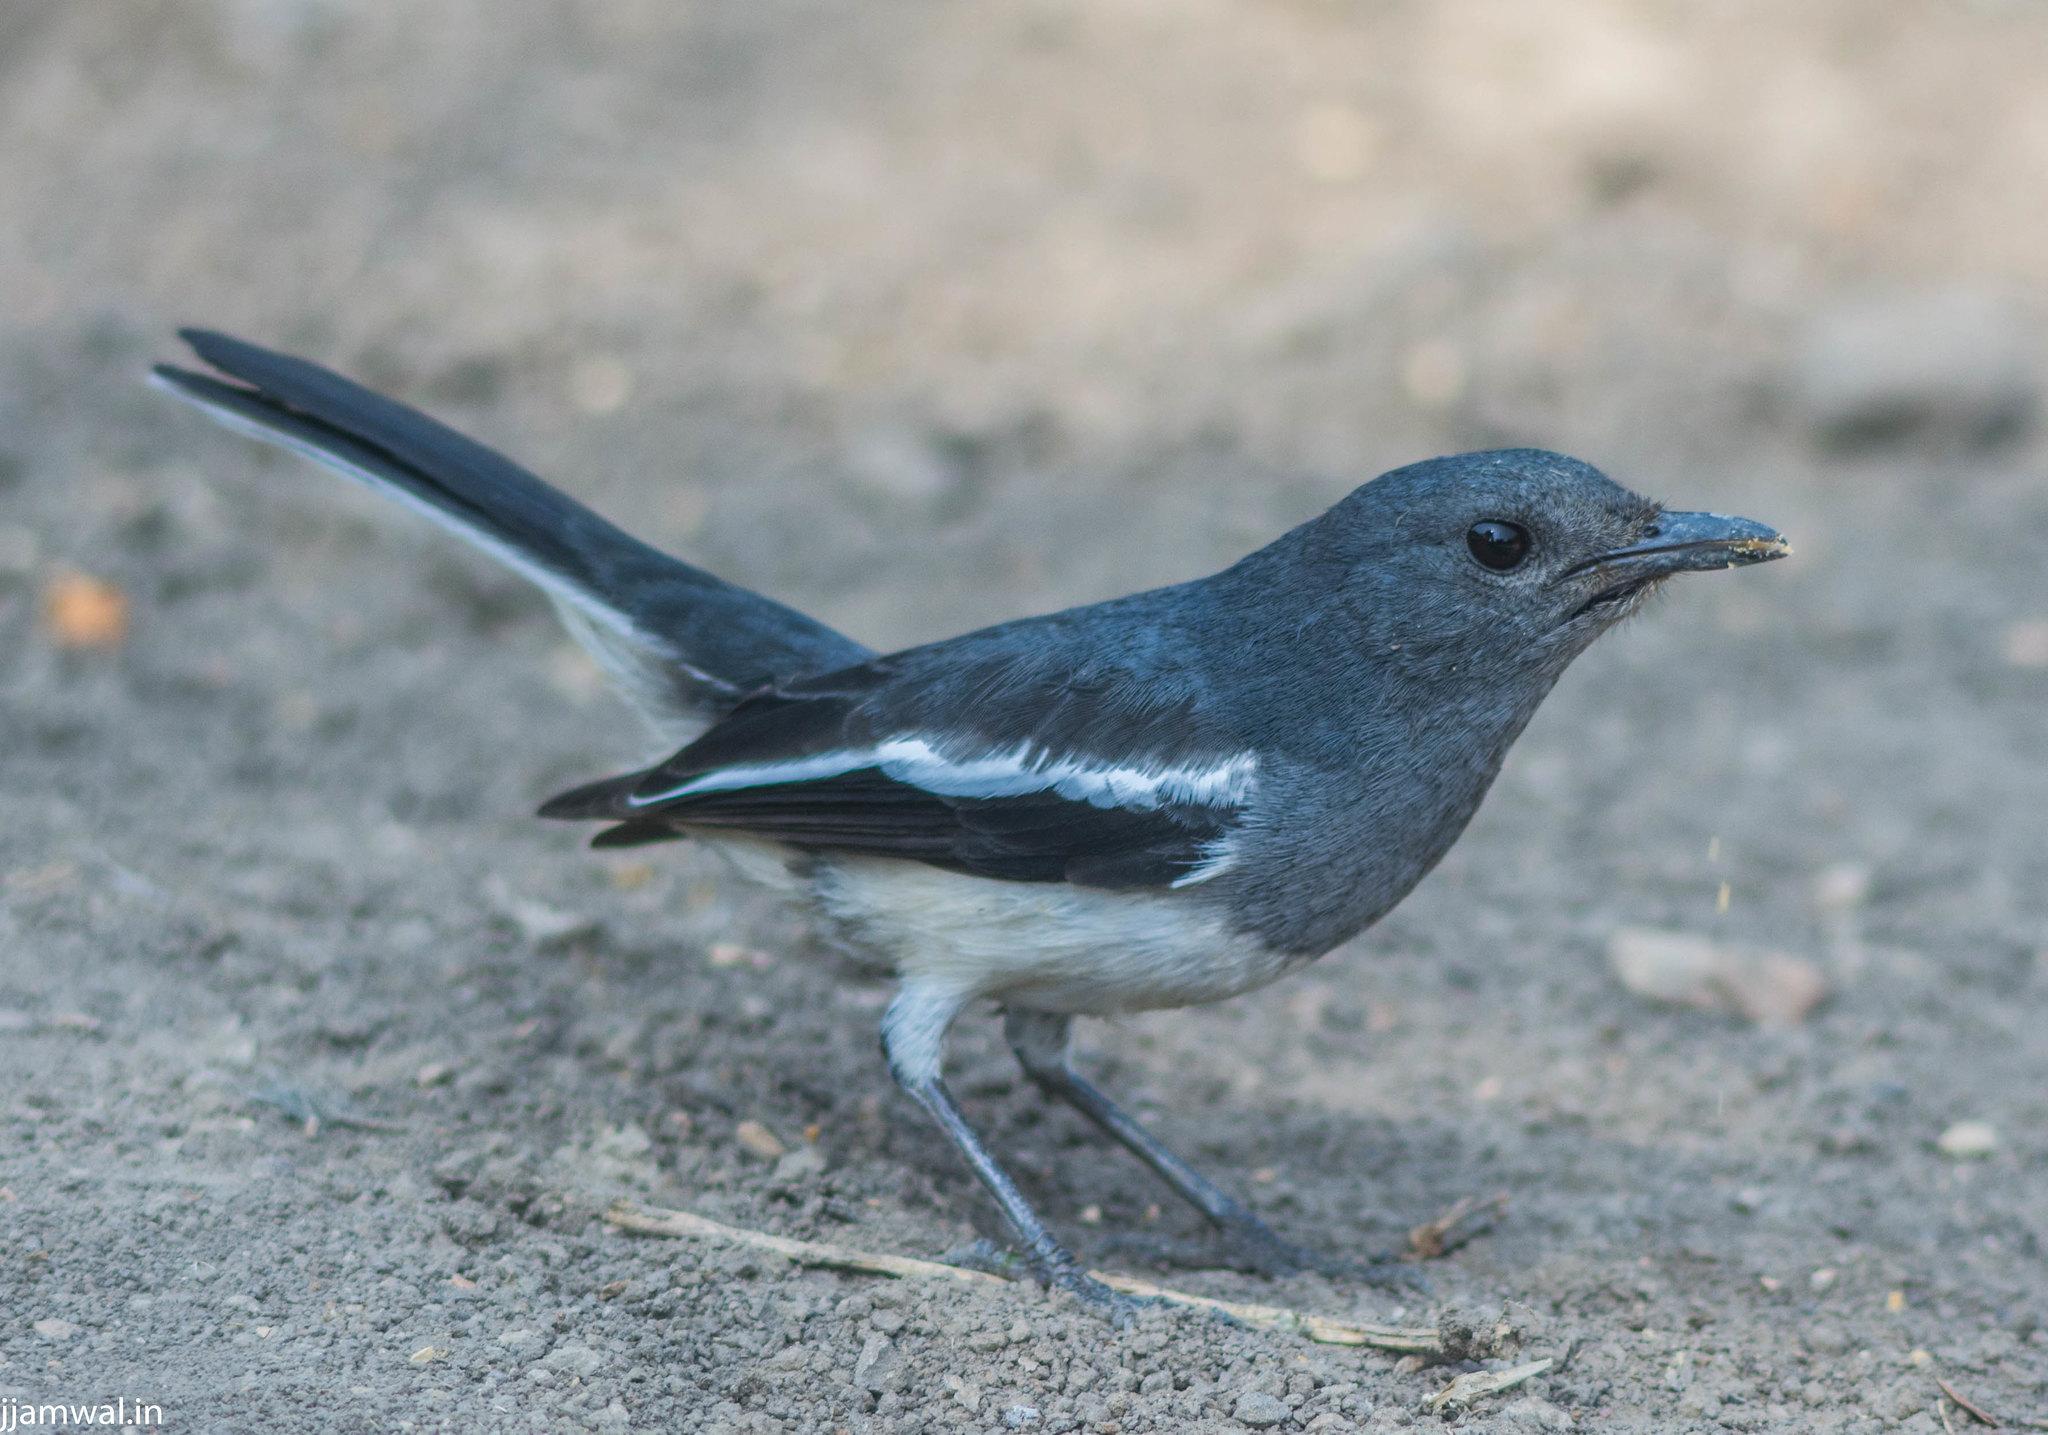 Oriental magpie-robin (Copsychus saularis), female